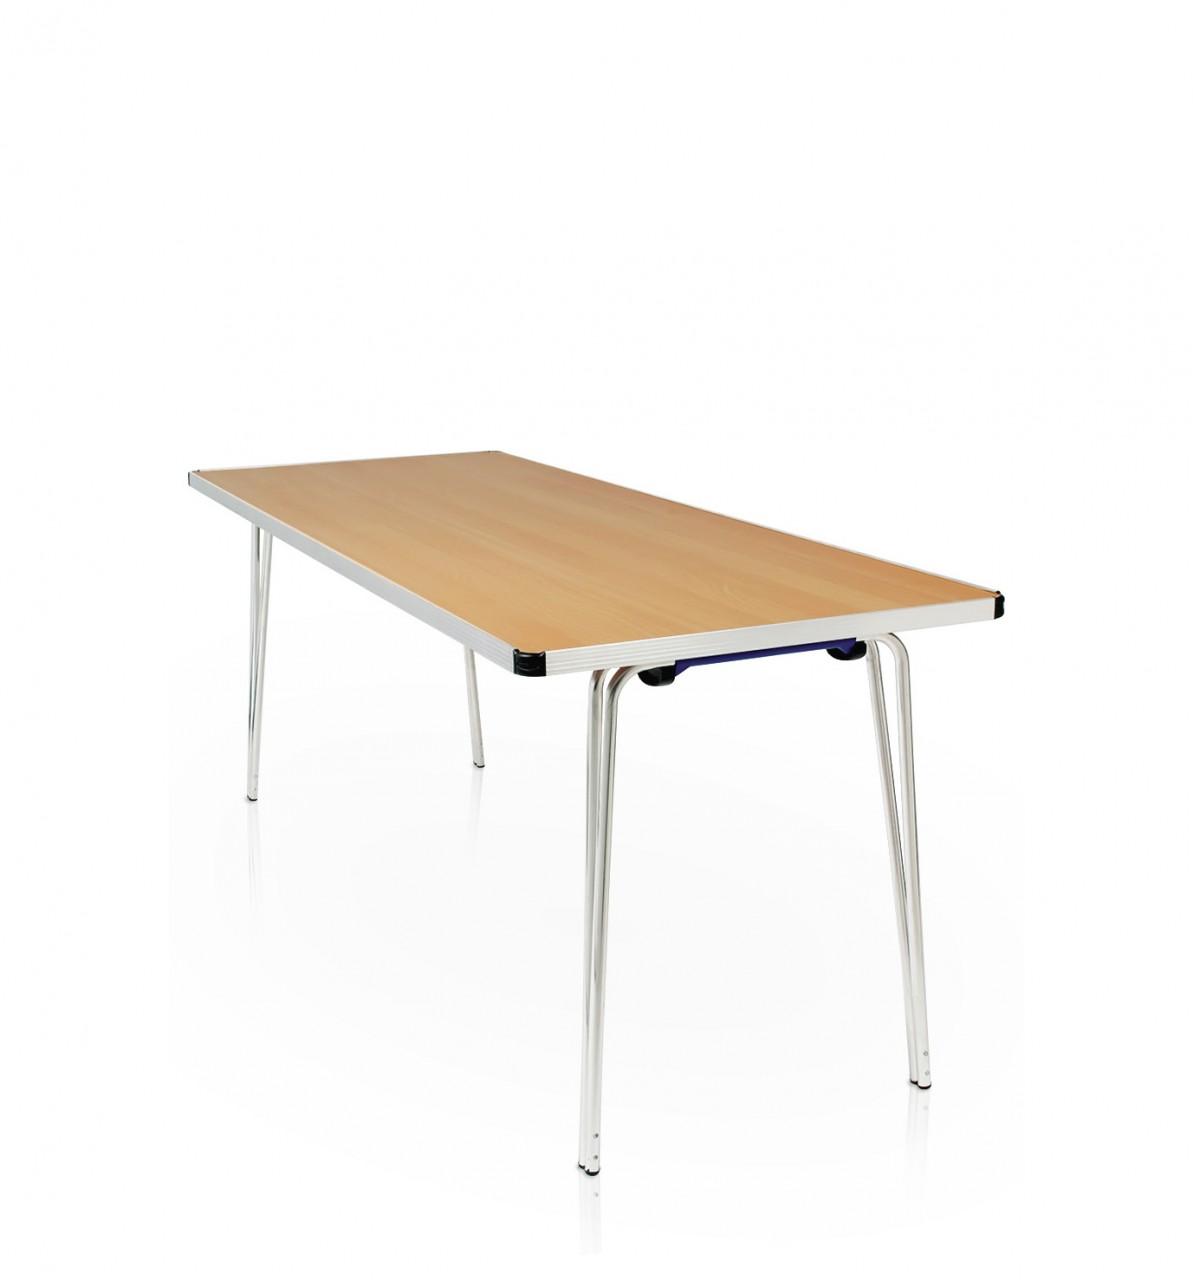 Gopak 6ft Folding Table